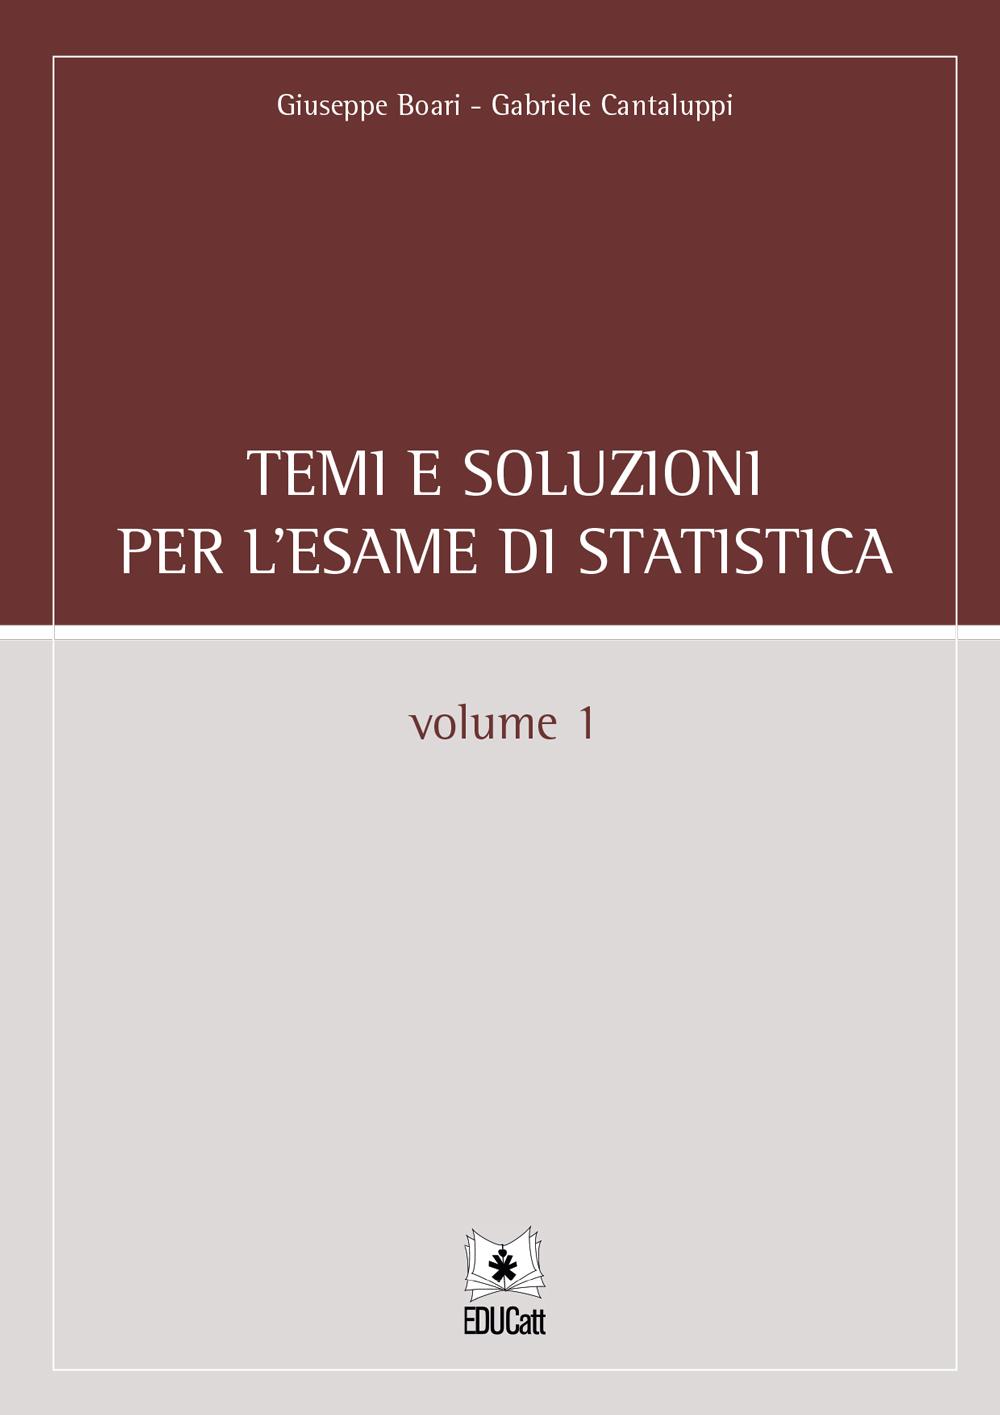 TEMI E SOLUZIONI PER L'ESAME DI STATISTICA 1